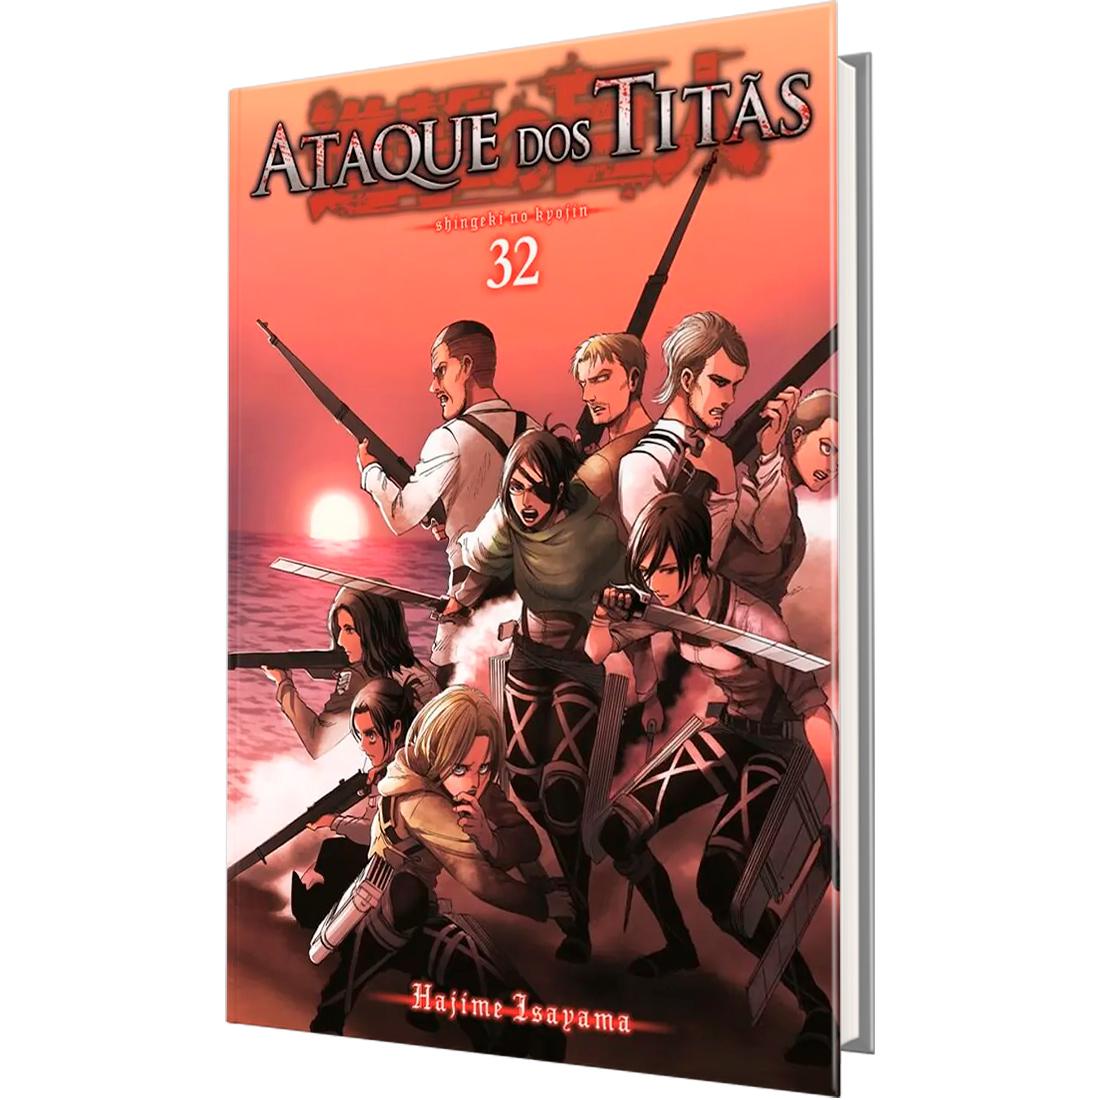 Ataque dos Titãs Vol. 32